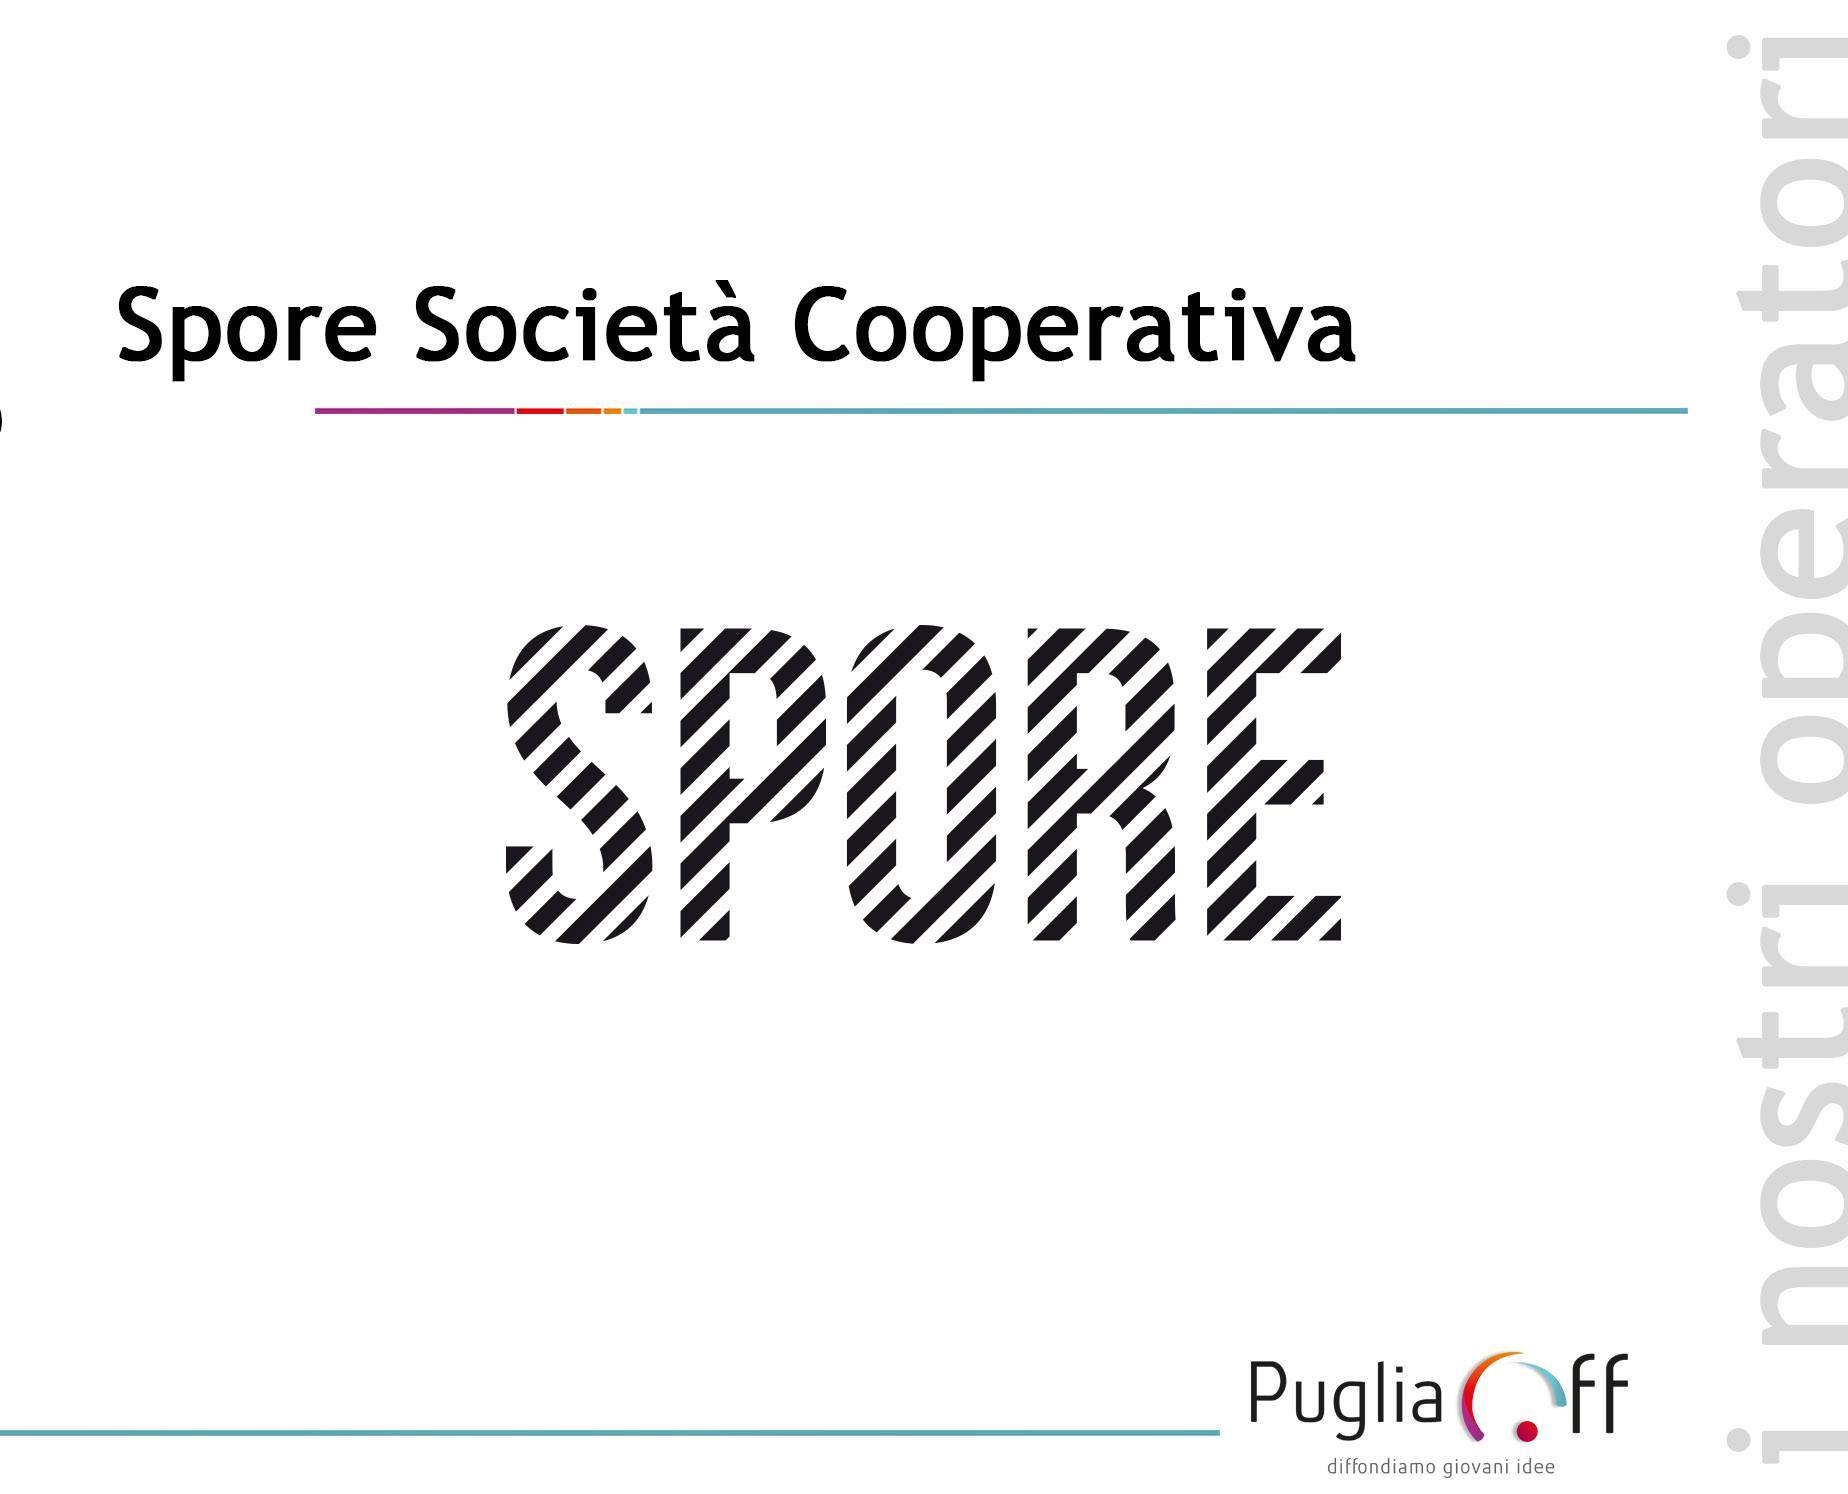 Spore ¨ una societ cooperativa di Corato che vuole promuovere il lavoro